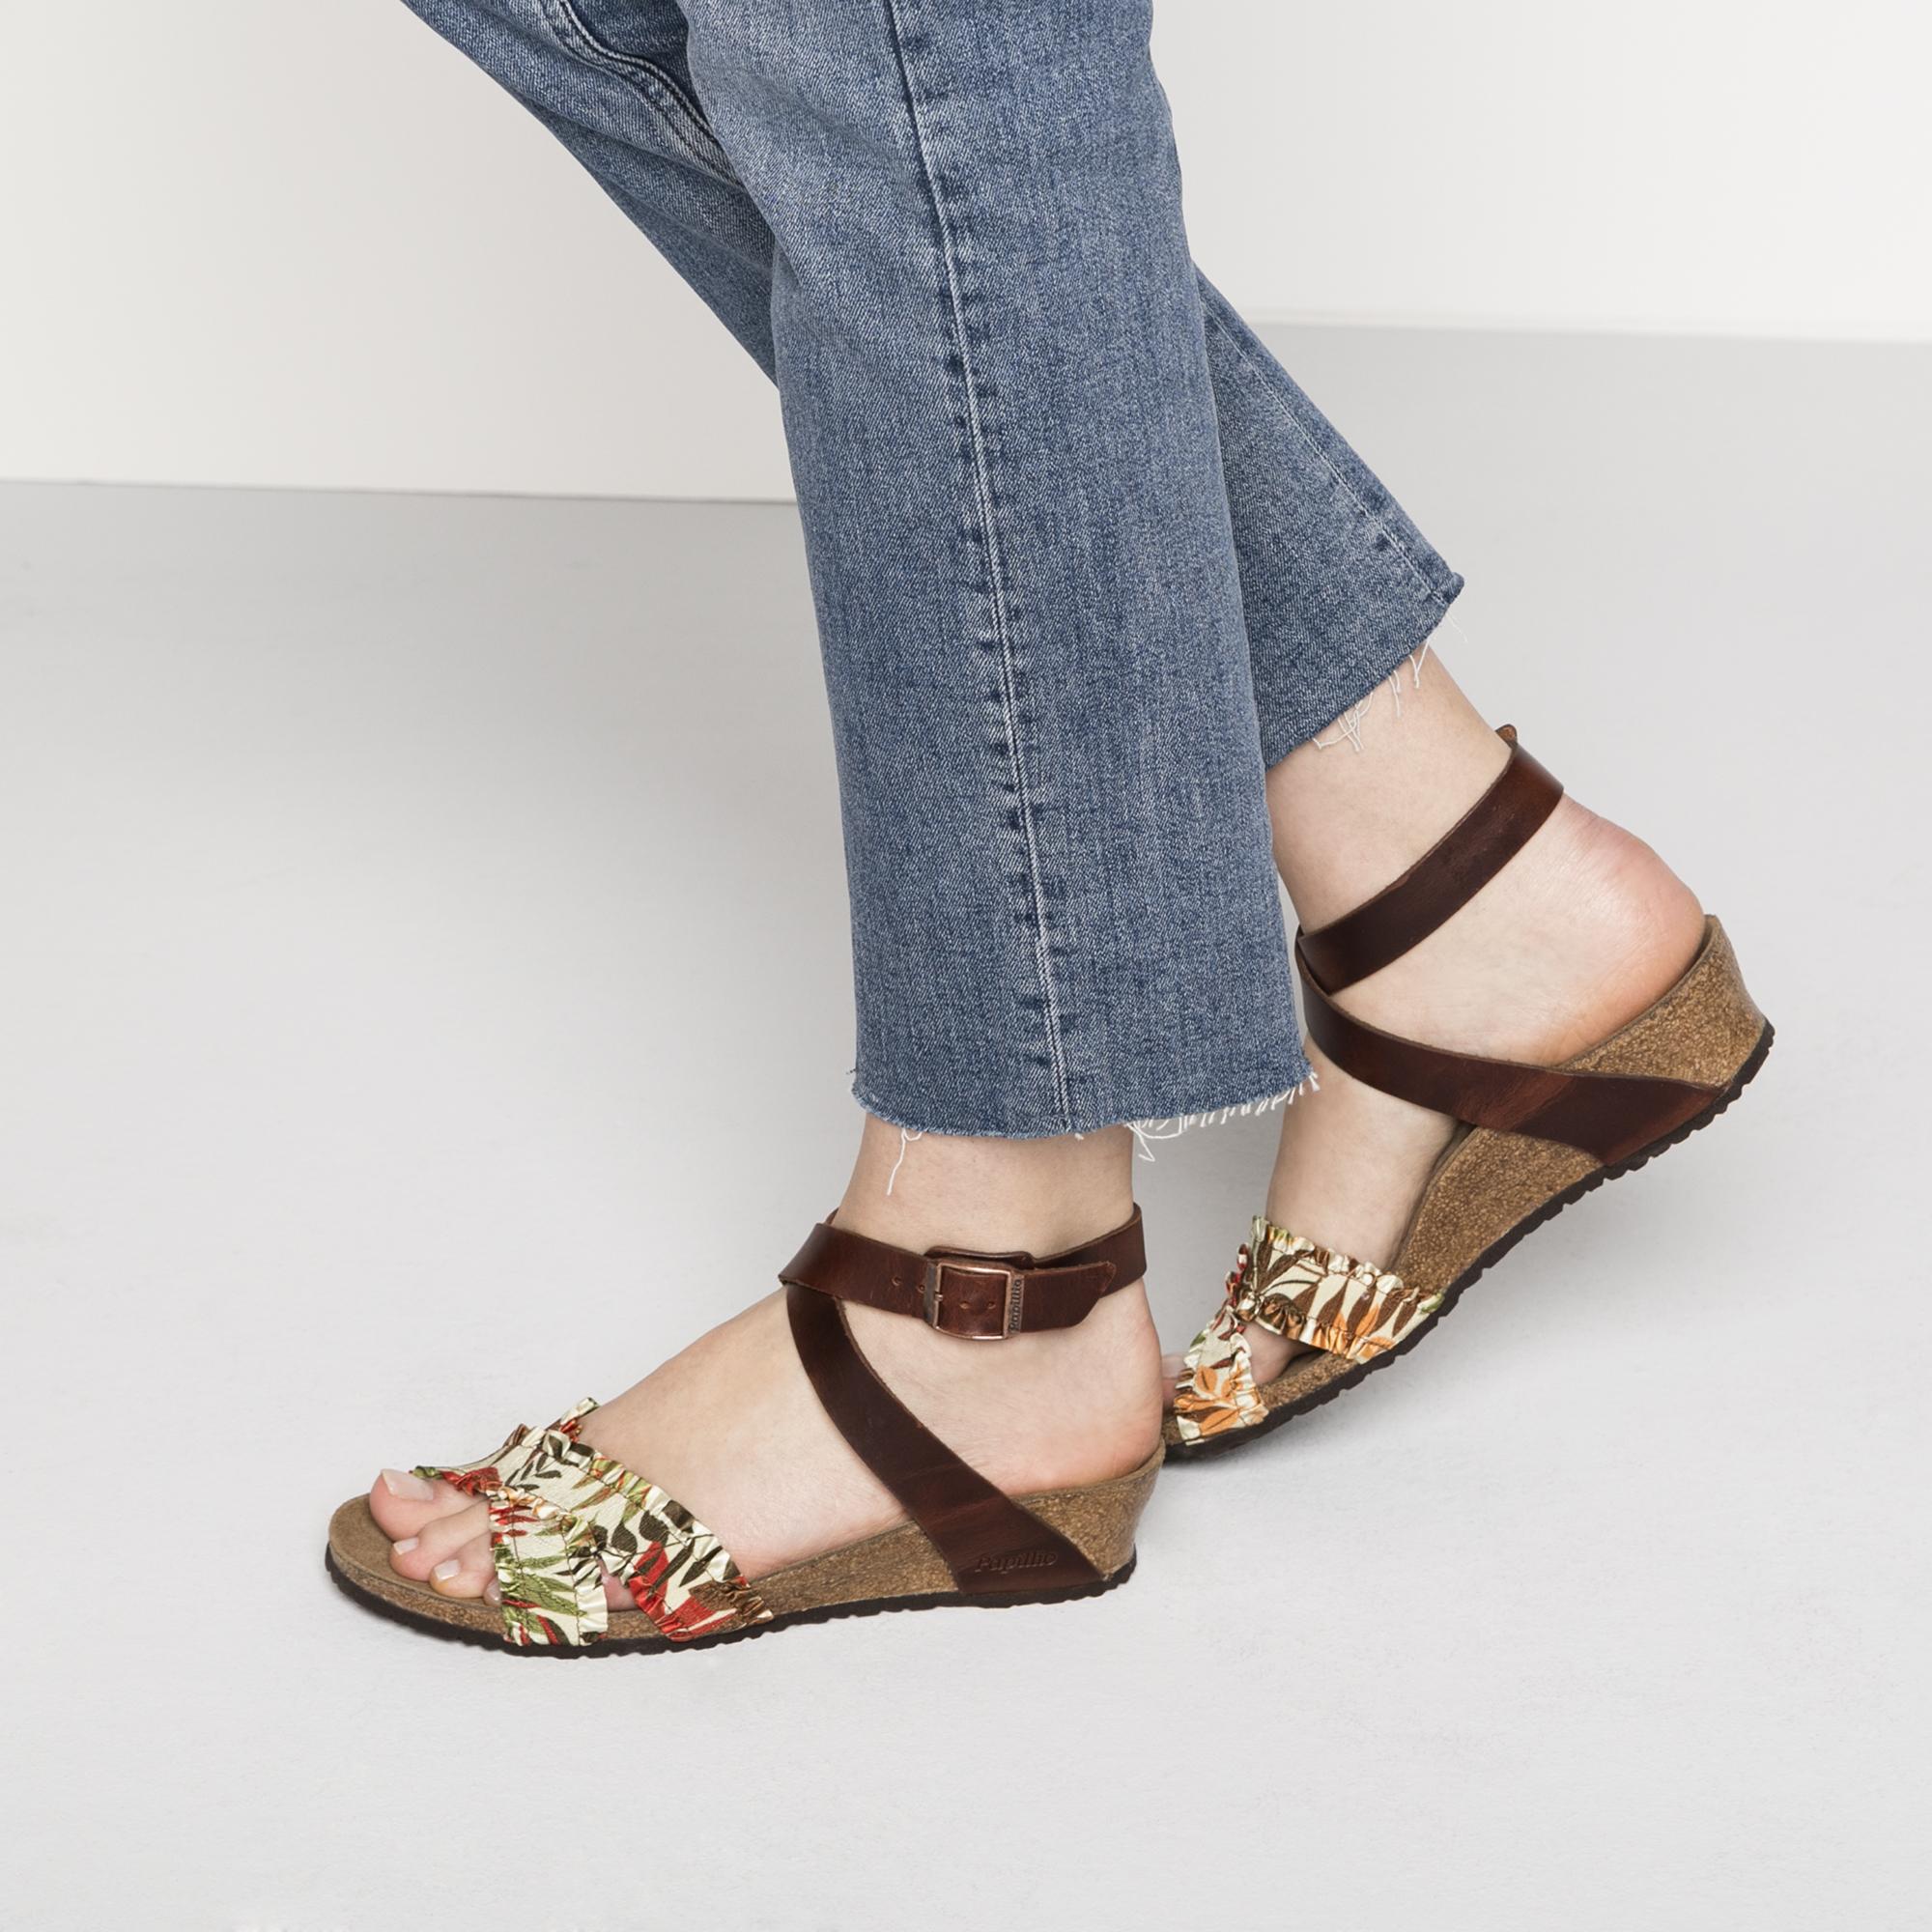 2bef54ec14 Lola Birko-Flor Flower Frill Brown | shop online at BIRKENSTOCK